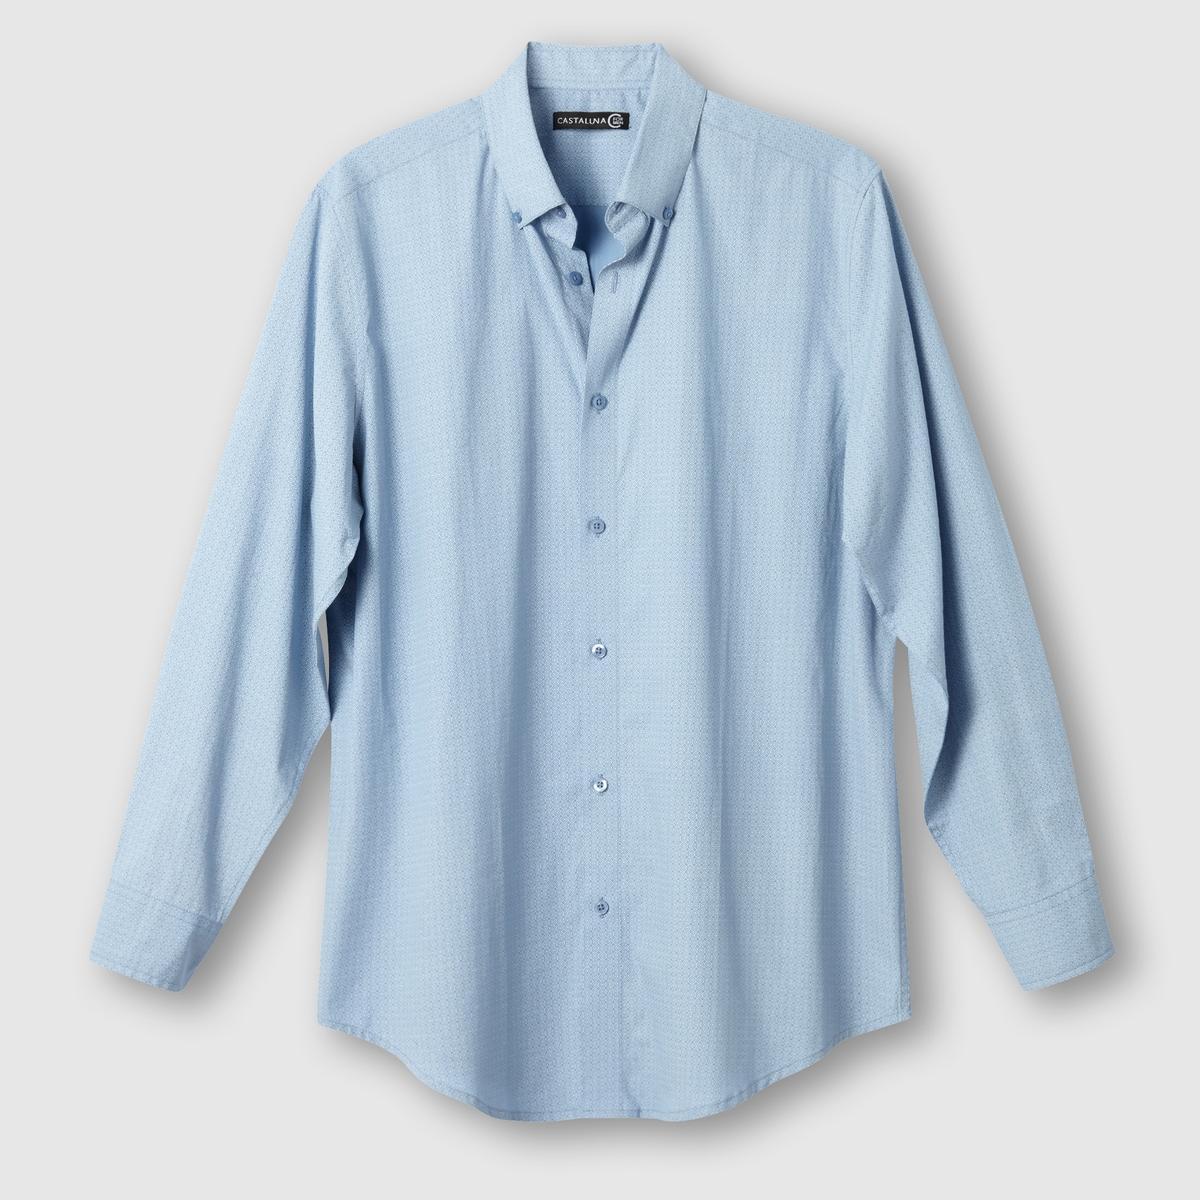 Рубашка с рисункомРубашка с геометрическим рисунком. Длинные рукава.Рубашка с неброским рисунком. Воротник с застежкой на пуговицы. 2 складки на спине. Закругленный низ. Поплин, 100% хлопок. Длина 85 см.<br><br>Цвет: наб. рисунок синий<br>Размер: 41/42.47/48